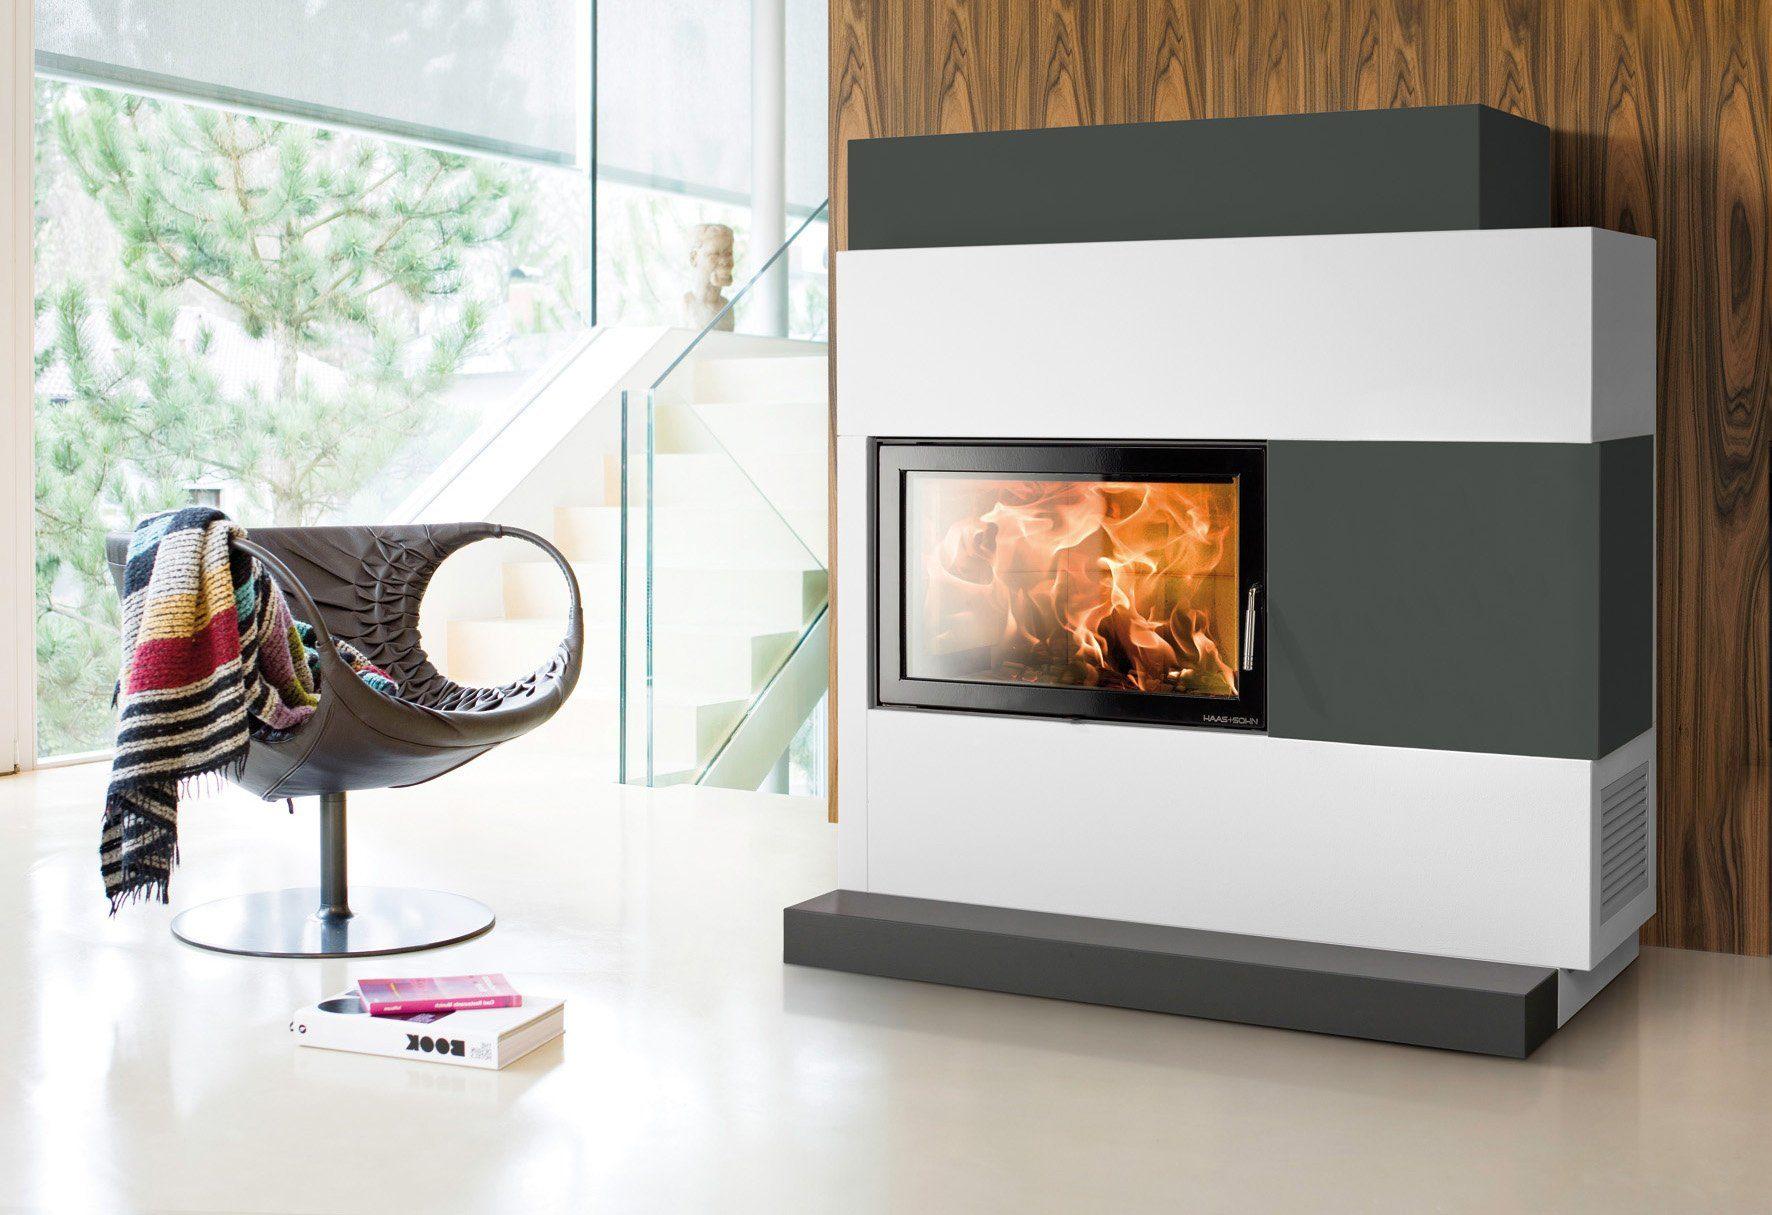 Haas & Sohn Kaminbausatz »Adonis«, 8 kW, ext. Luftzufuhr, Wärmespeichebeton